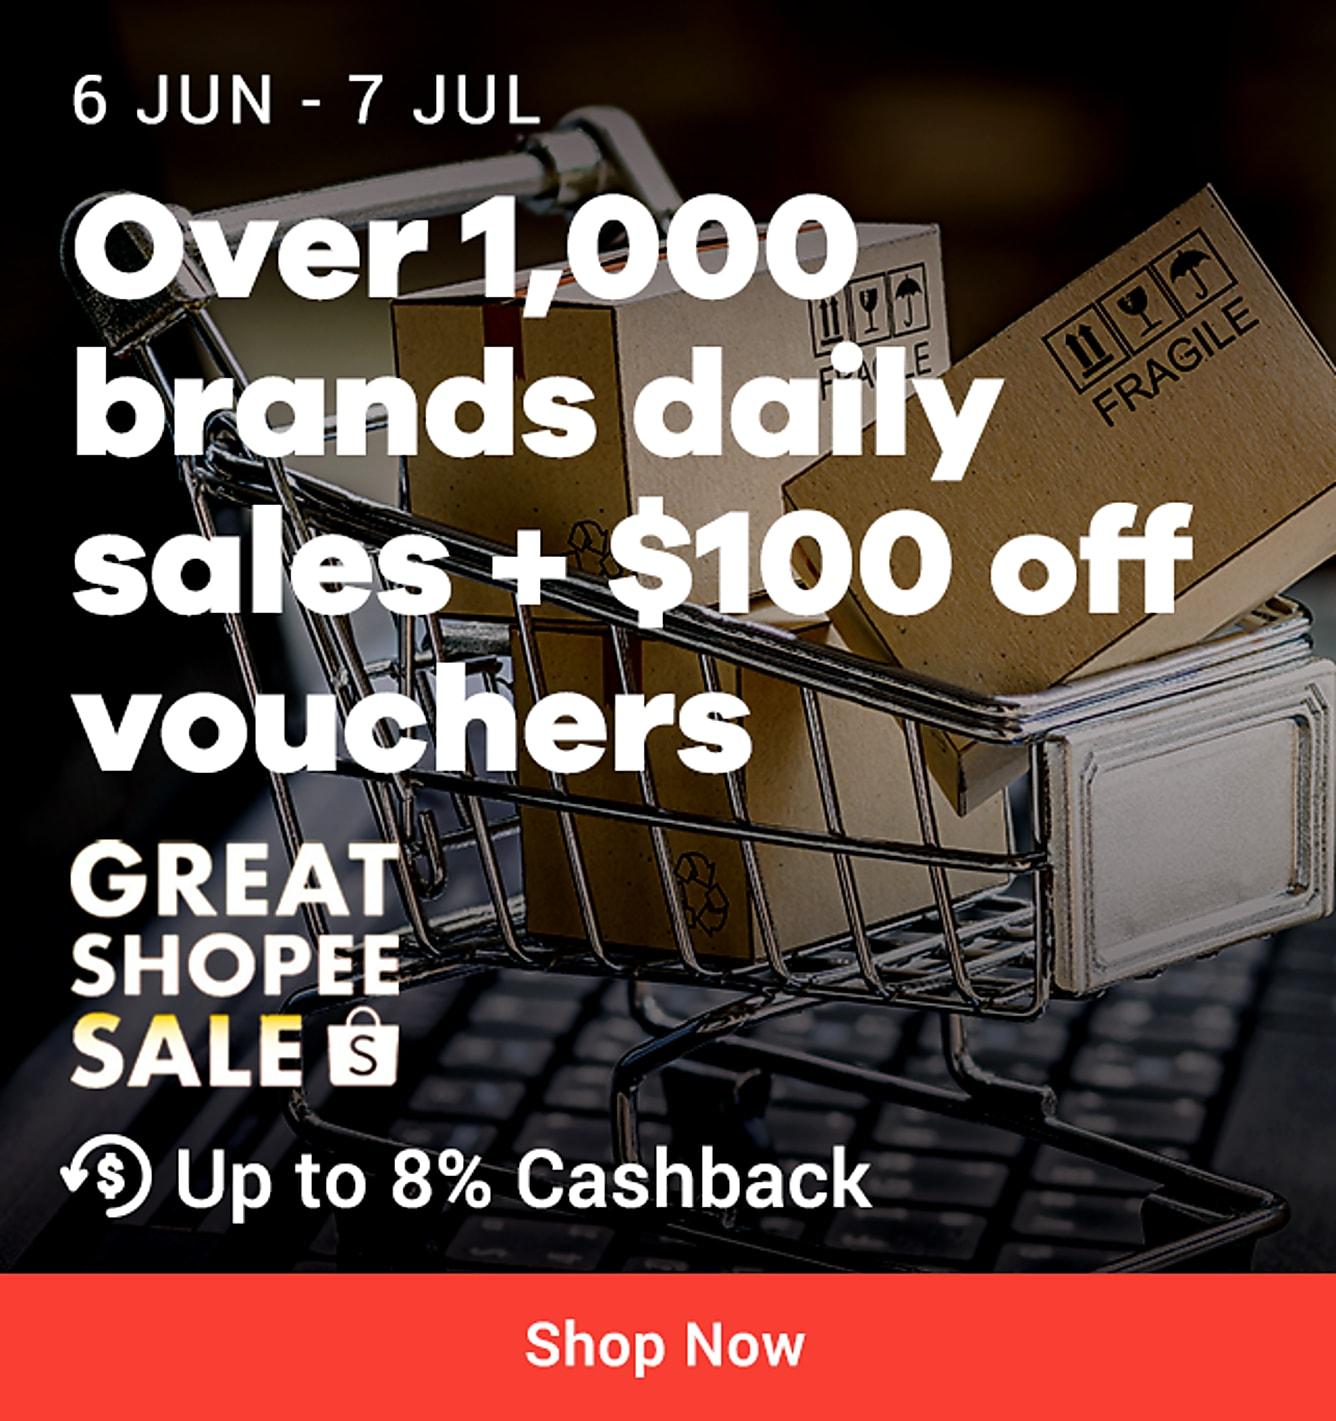 Shopee great shopee sale till 7 july